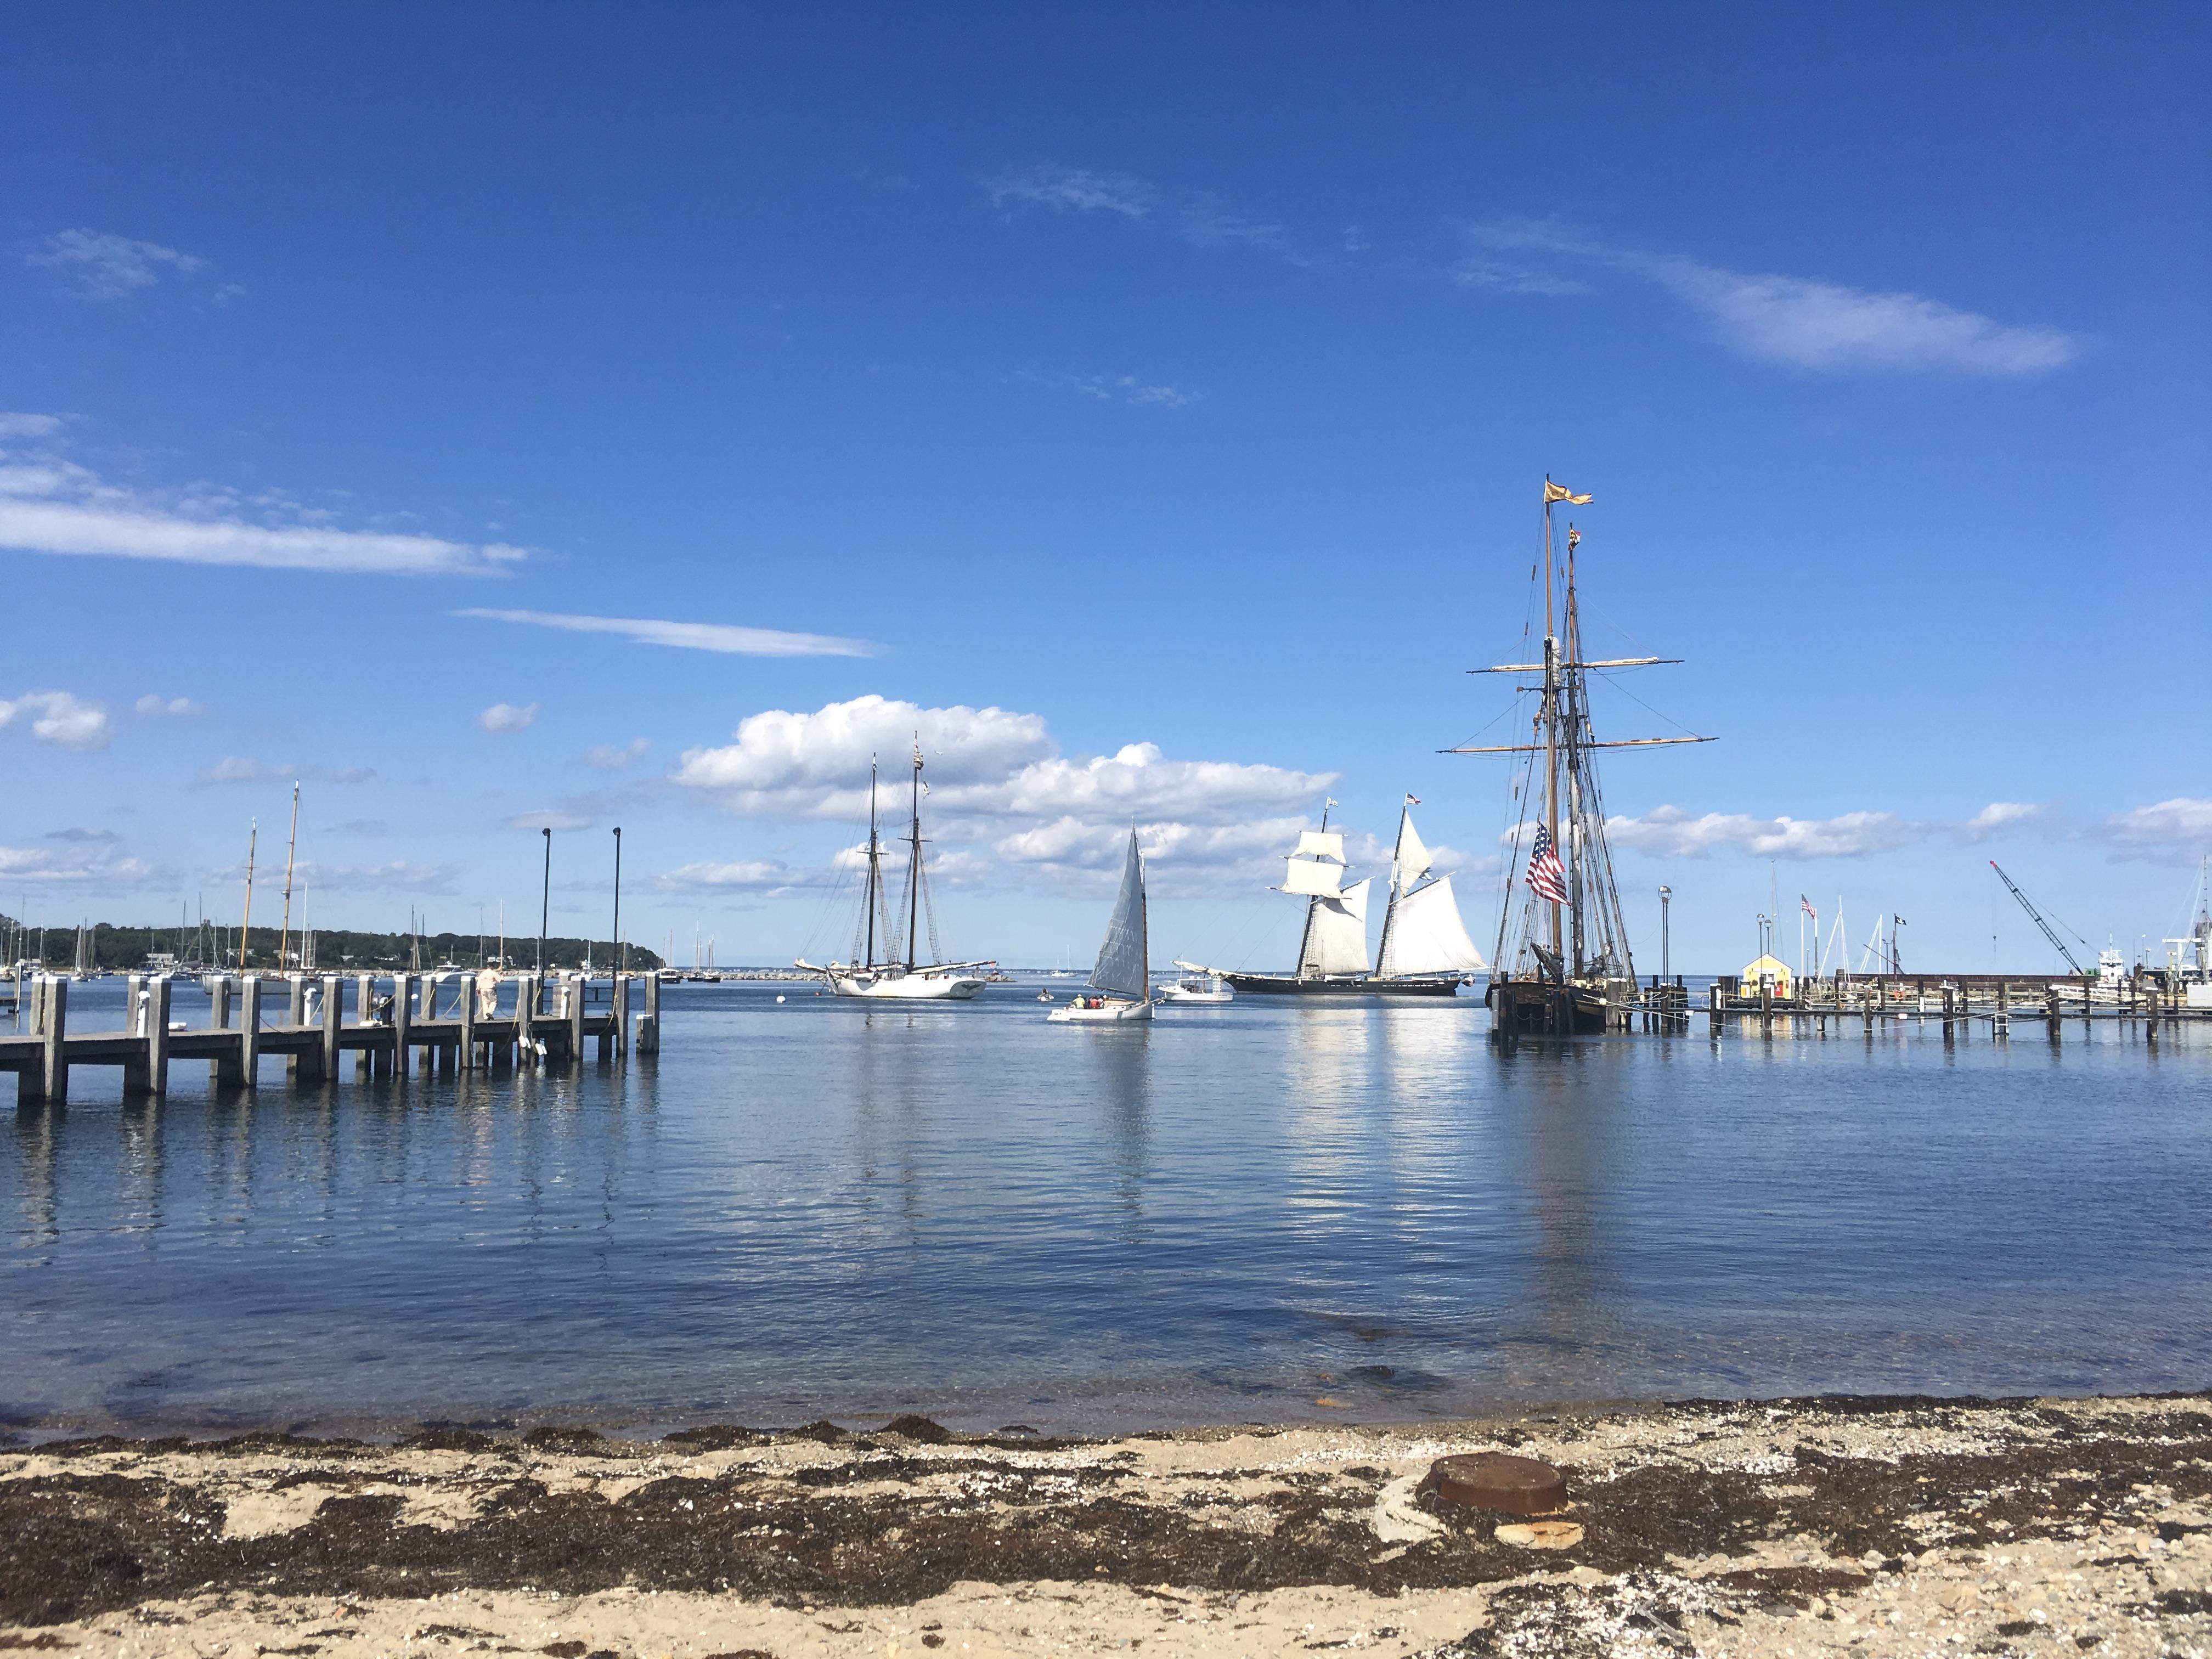 View of Vineyard Haven Harbor